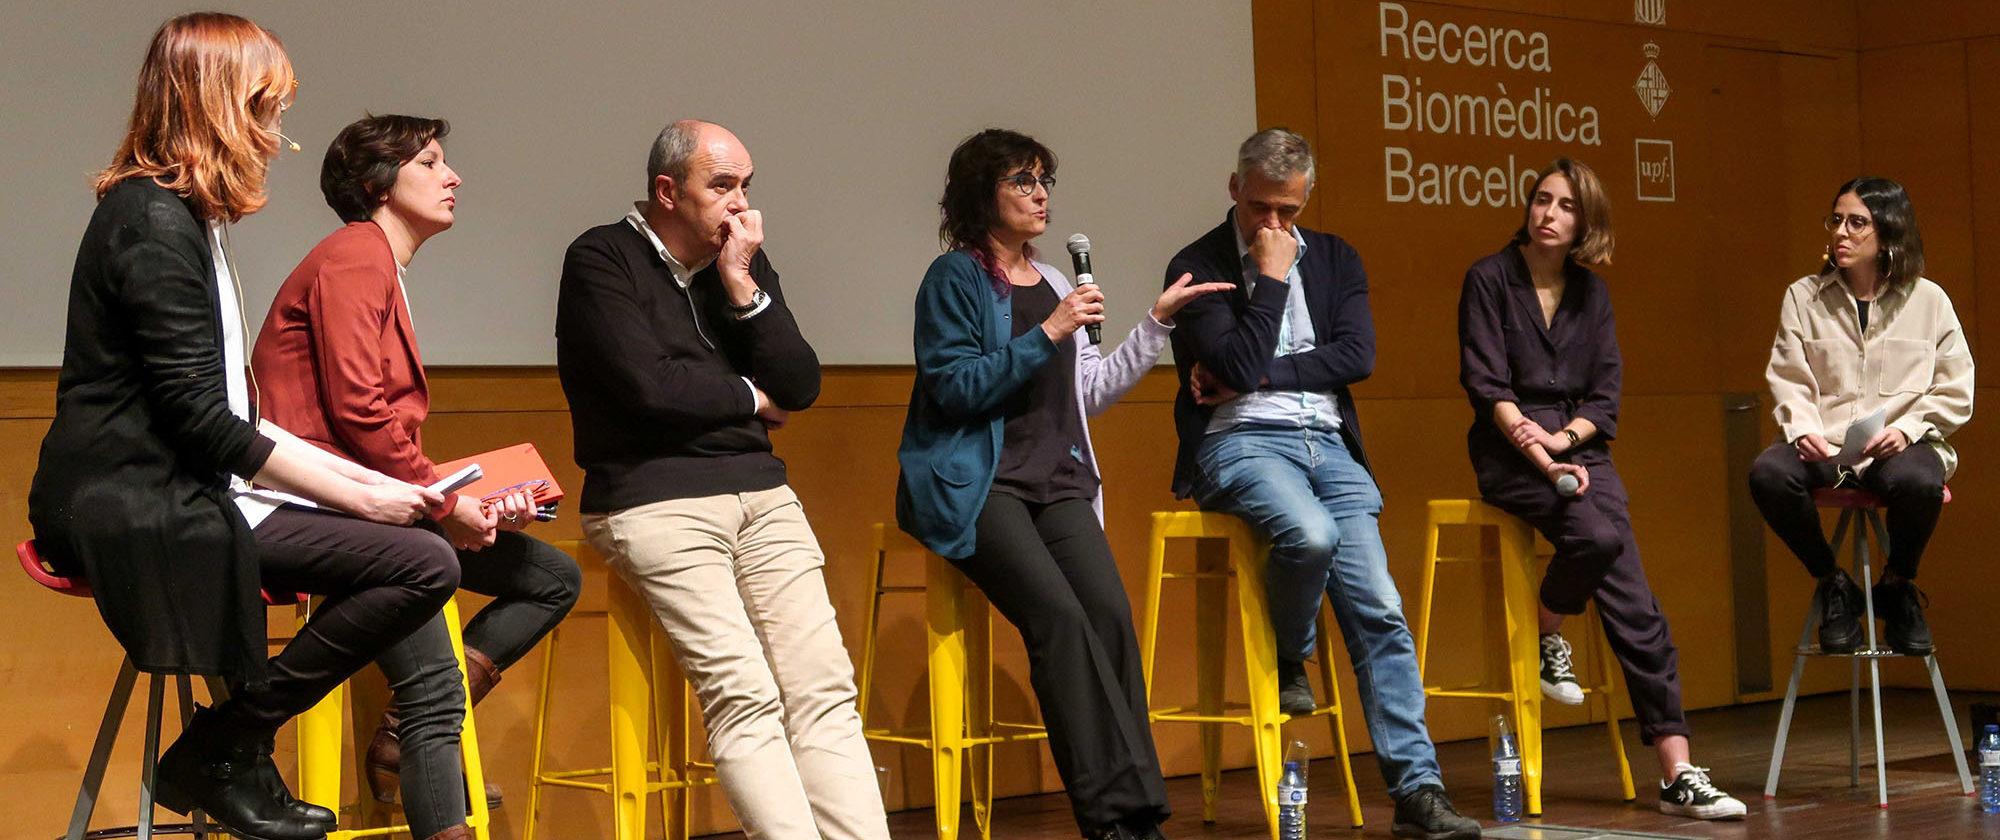 """Imagen del debate que tuvo lugar una vez finalizada la proyección del documental """"Scientifilia""""."""